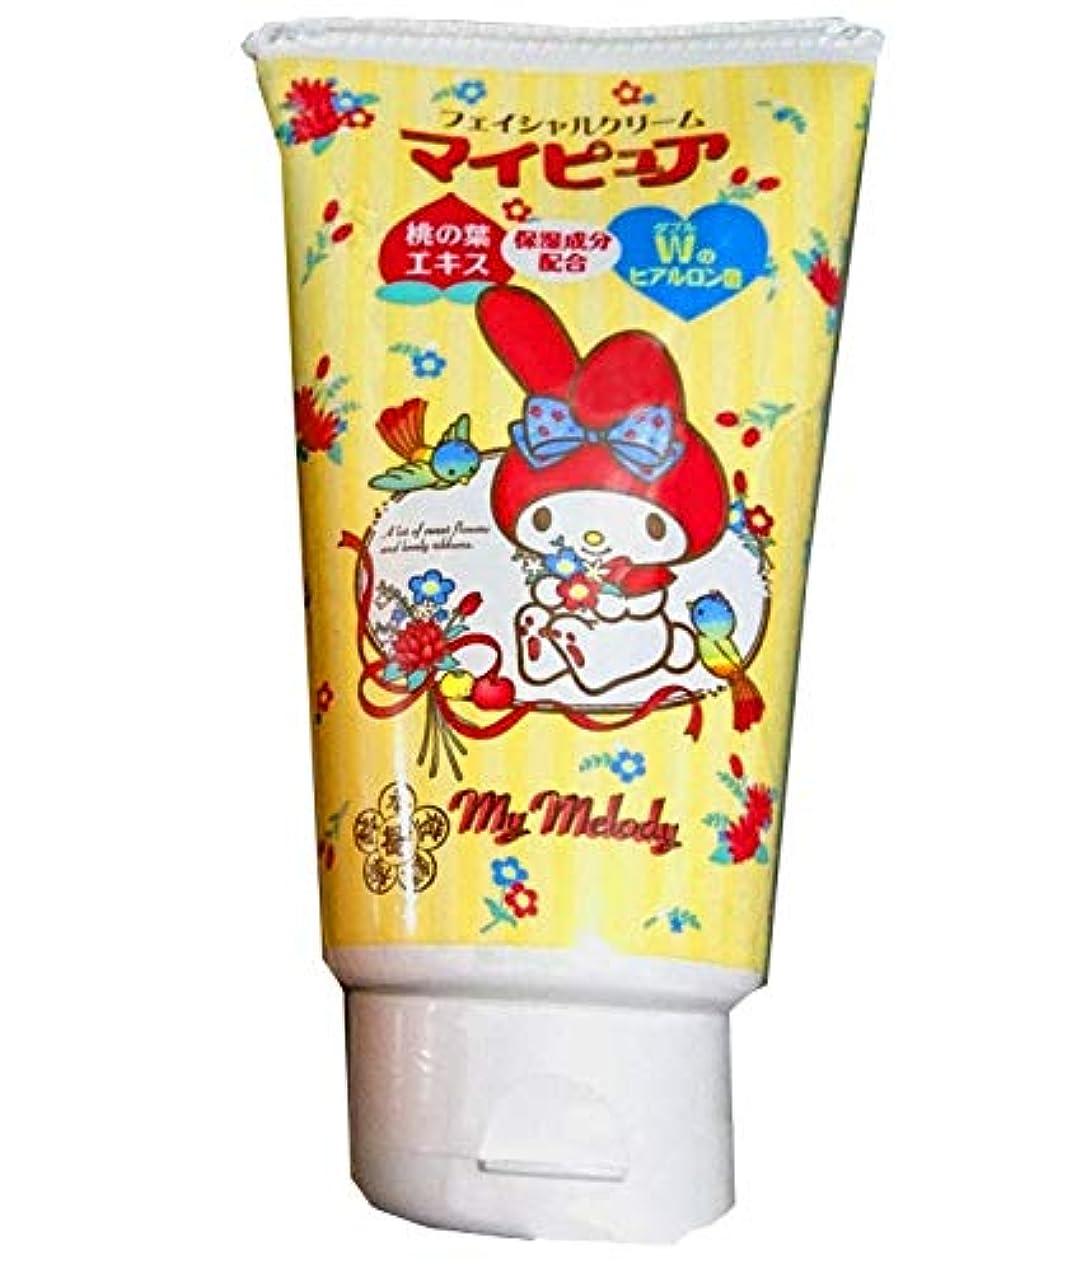 うめきもっともらしい不和【とっても可愛いサンリオ?限定品!】マイピュア フェイシャルクリーム 100g